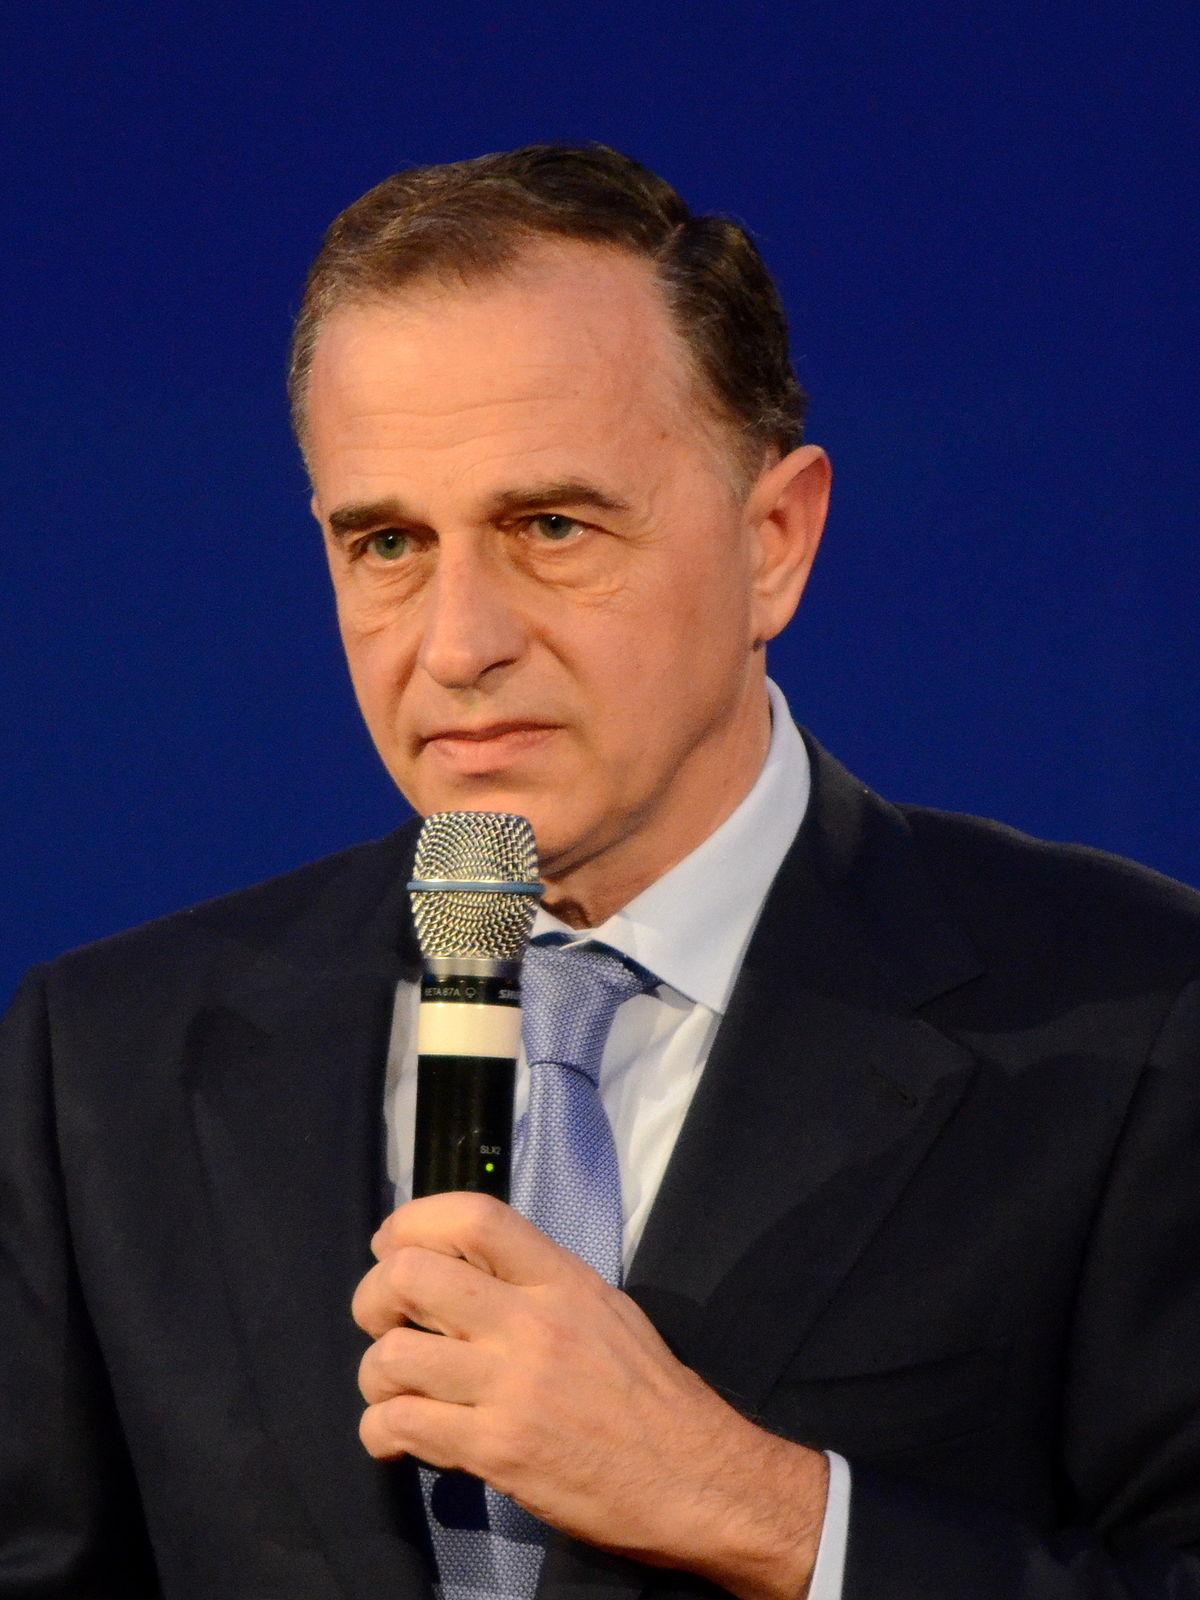 elezioni parlamentari in romania del 2004 wikipedia